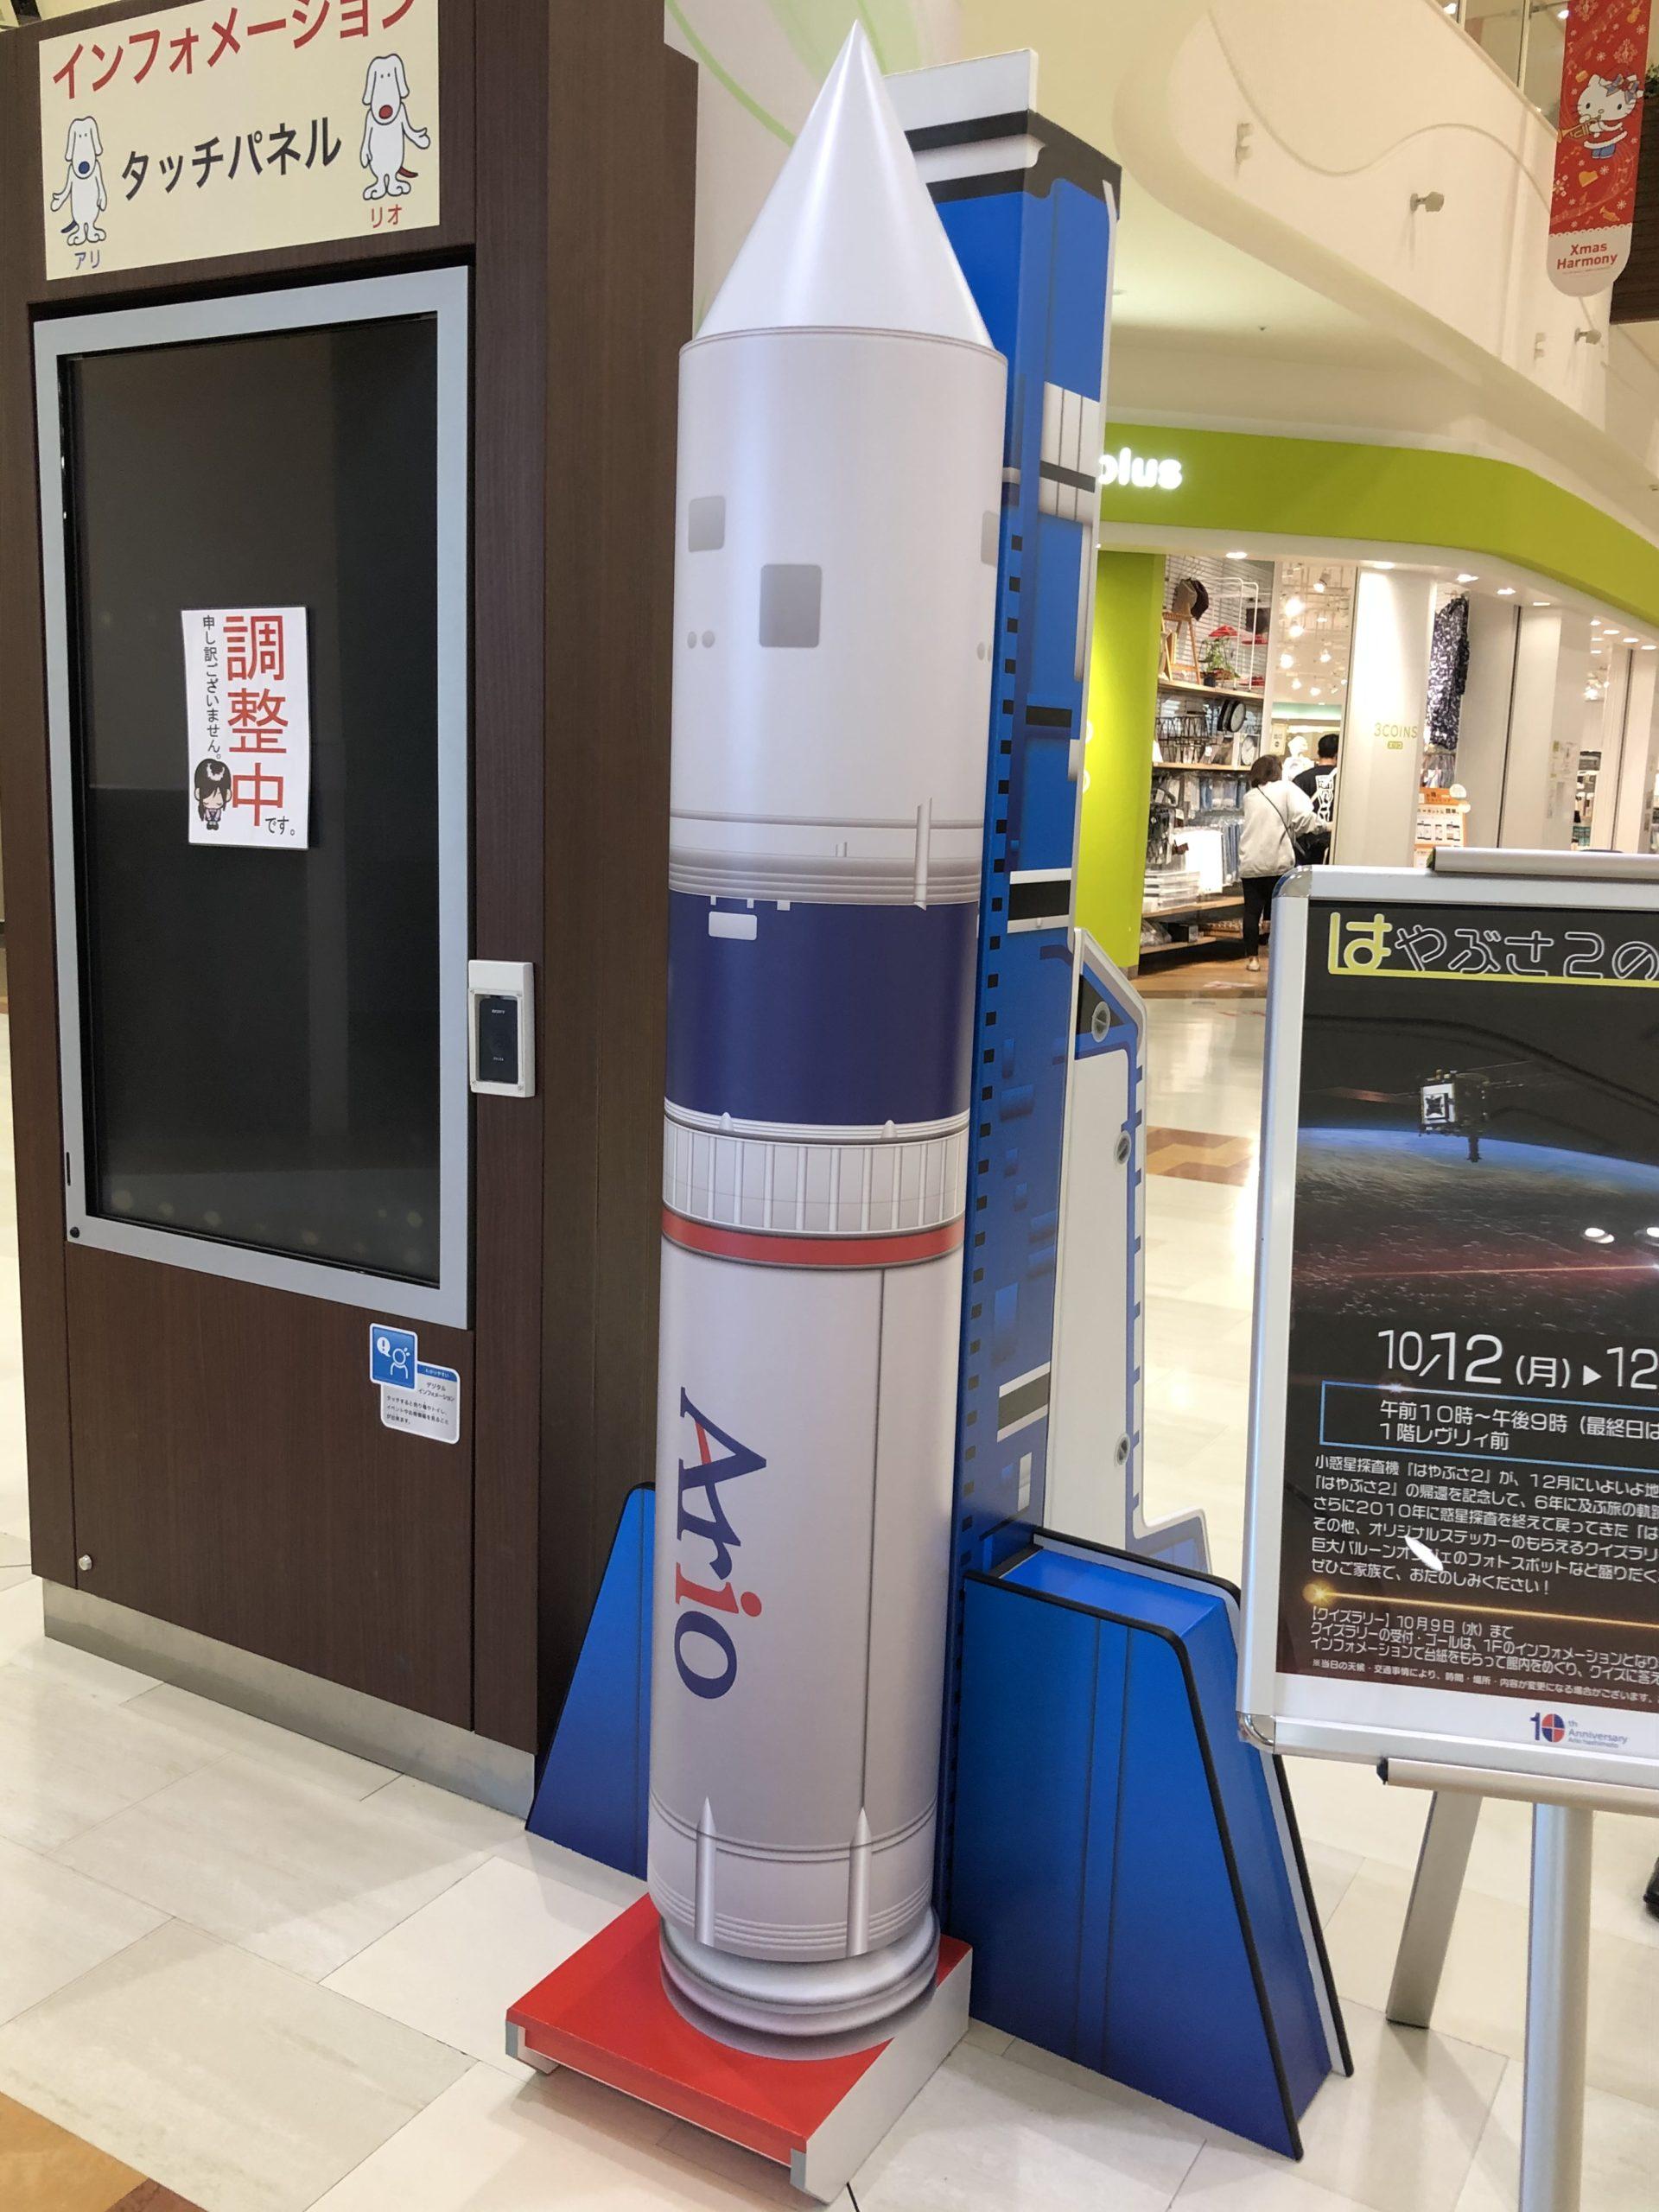 アリオロケットの投稿写真